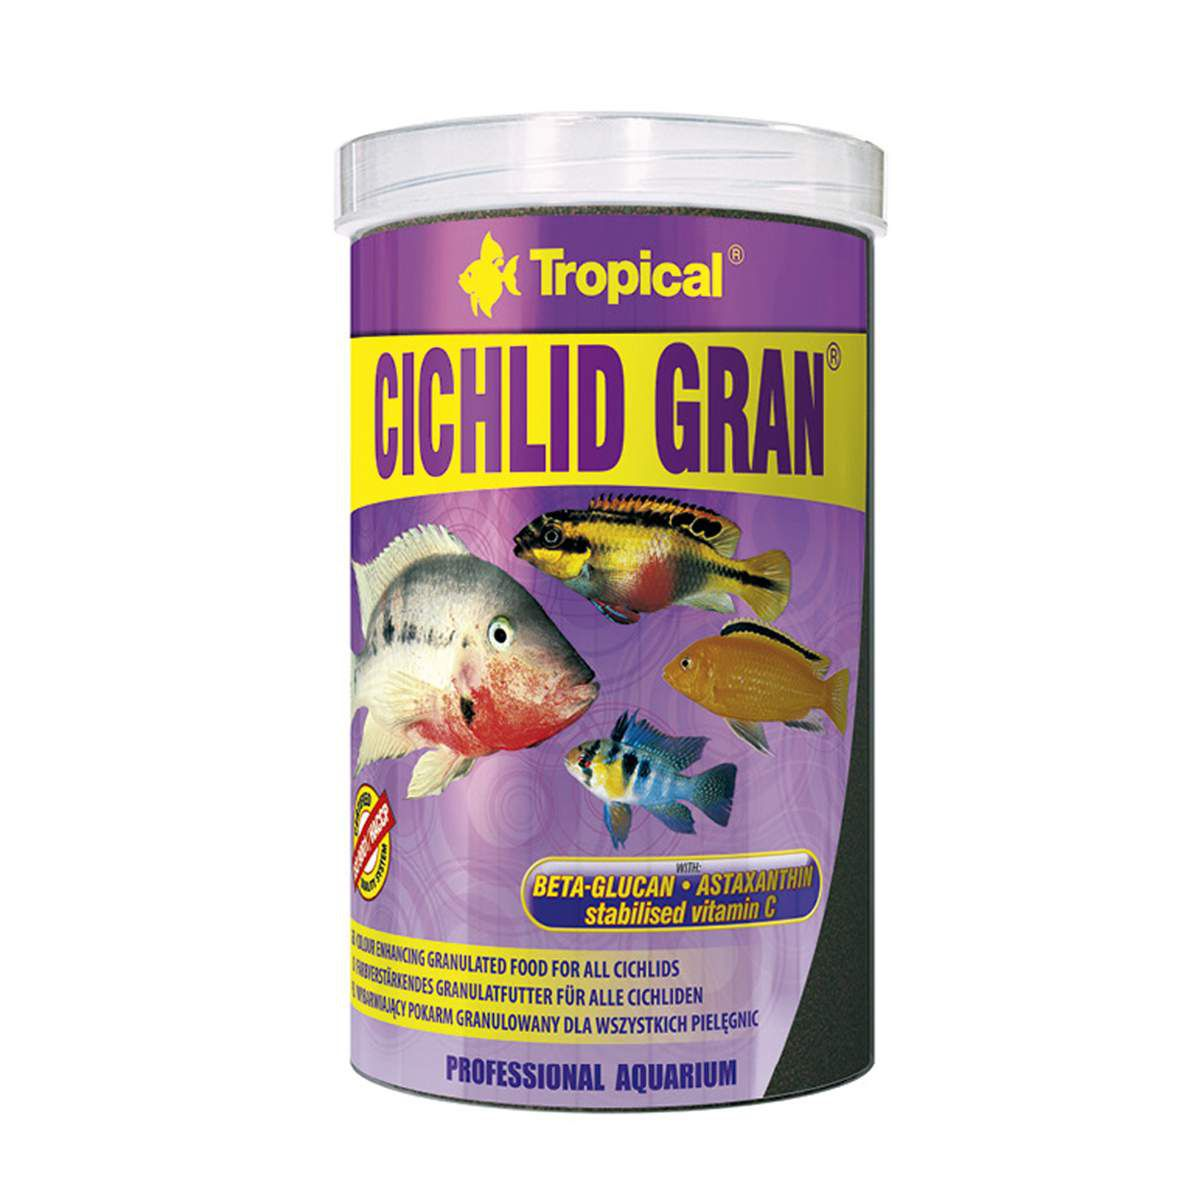 Ração Premiu Ciclídeos Tropical Cichlid Gran 55g